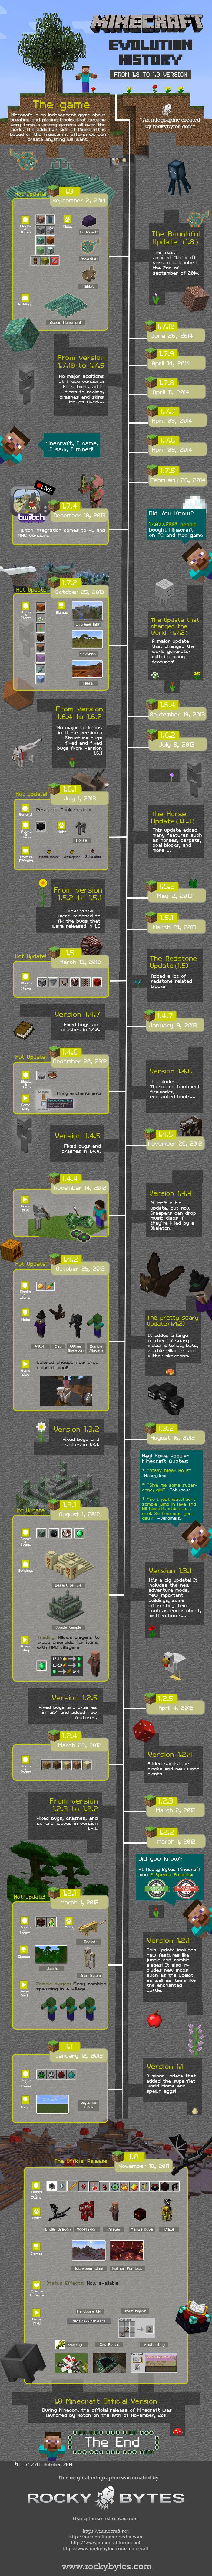 infographie-evolution-minecraft [Infographie] L'évolution de Minecraft depuis la version 1.0 en 2011